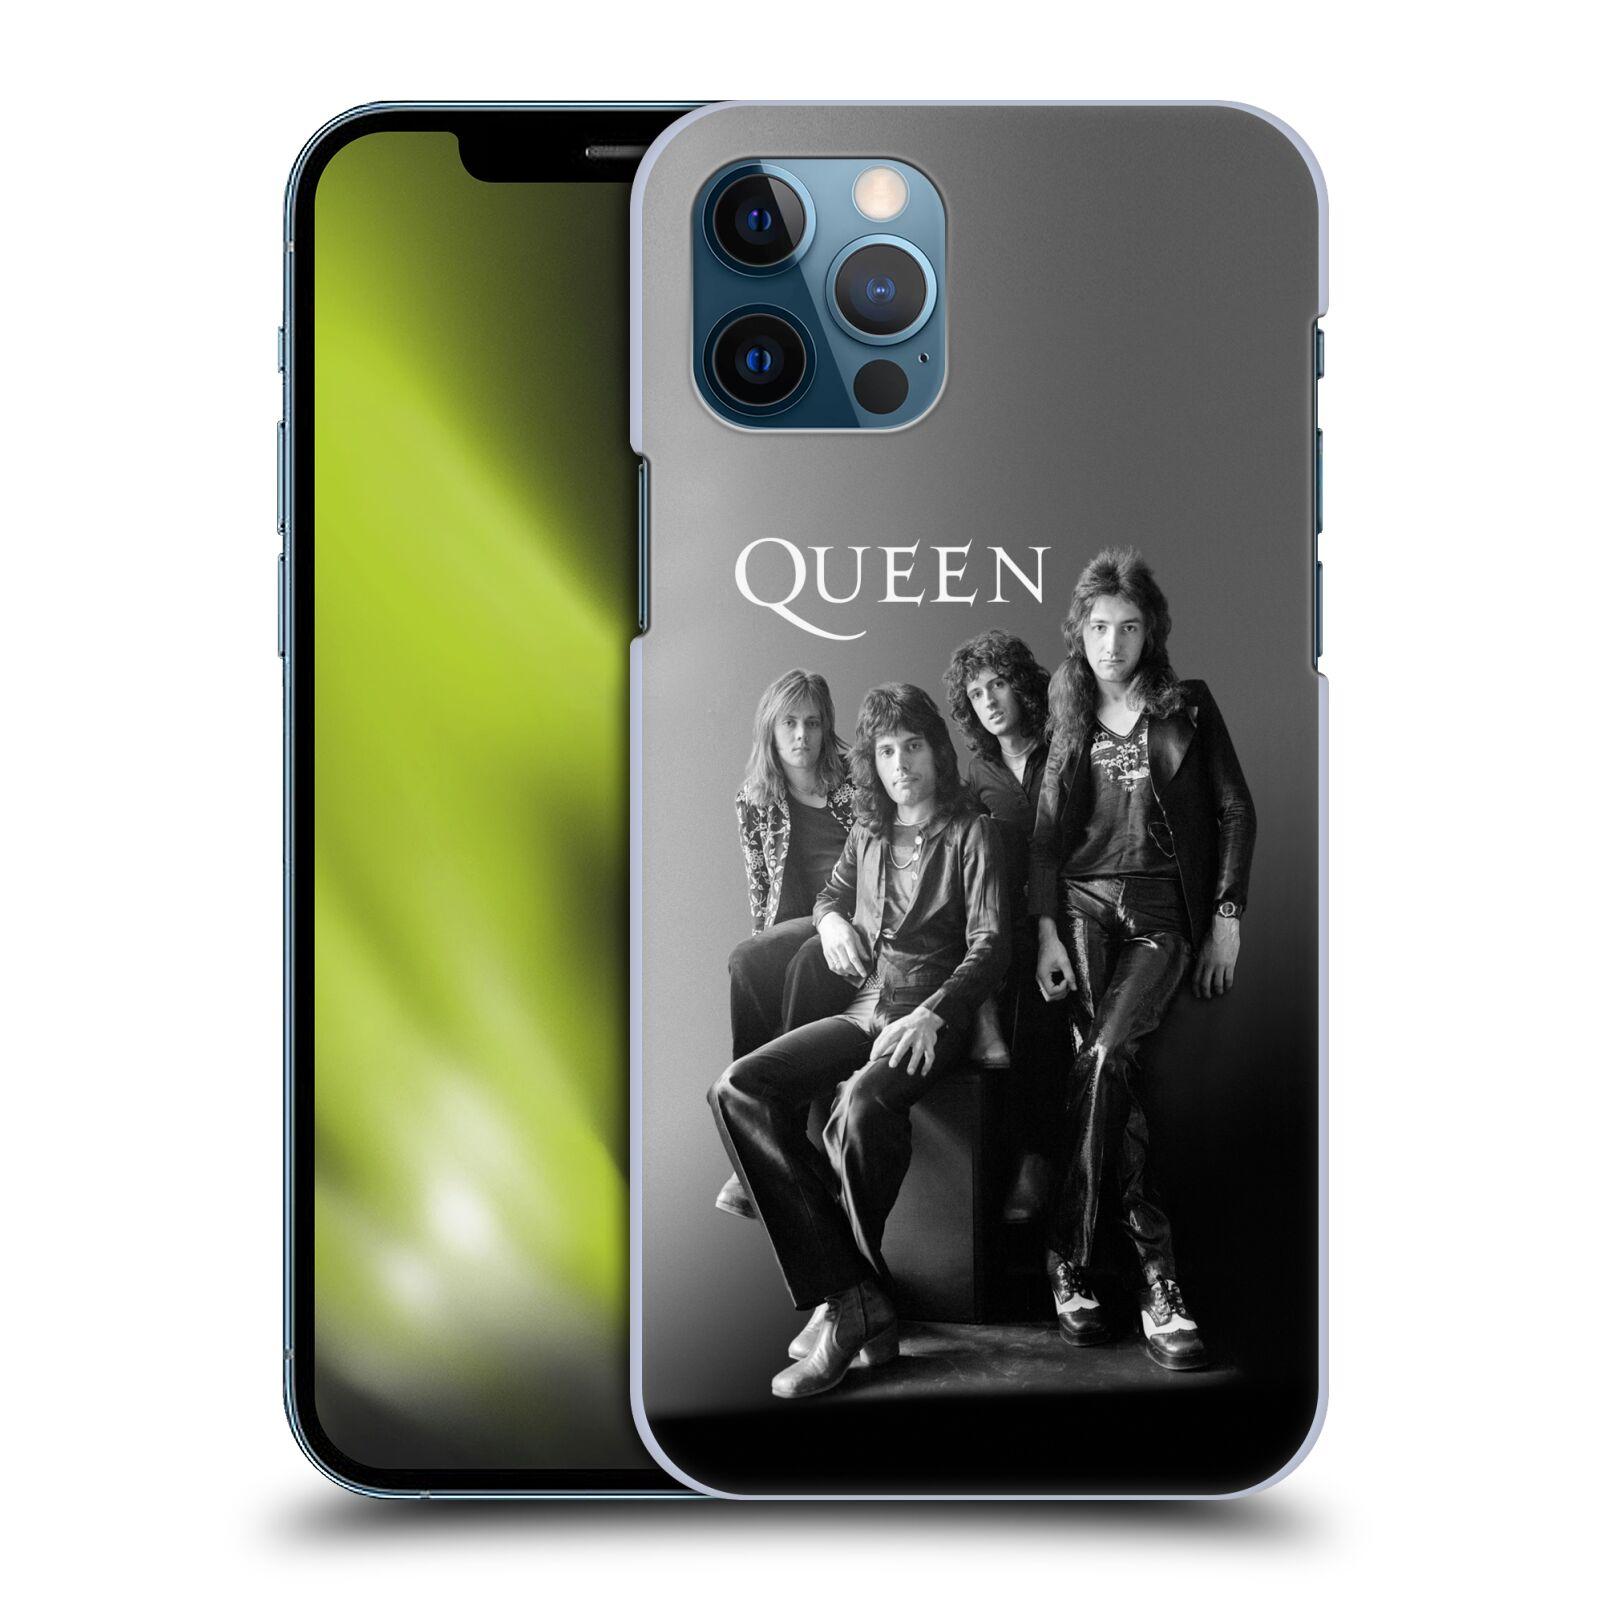 Plastové pouzdro na mobil Apple iPhone 12 / 12 Pro - Head Case - Queen - Skupina